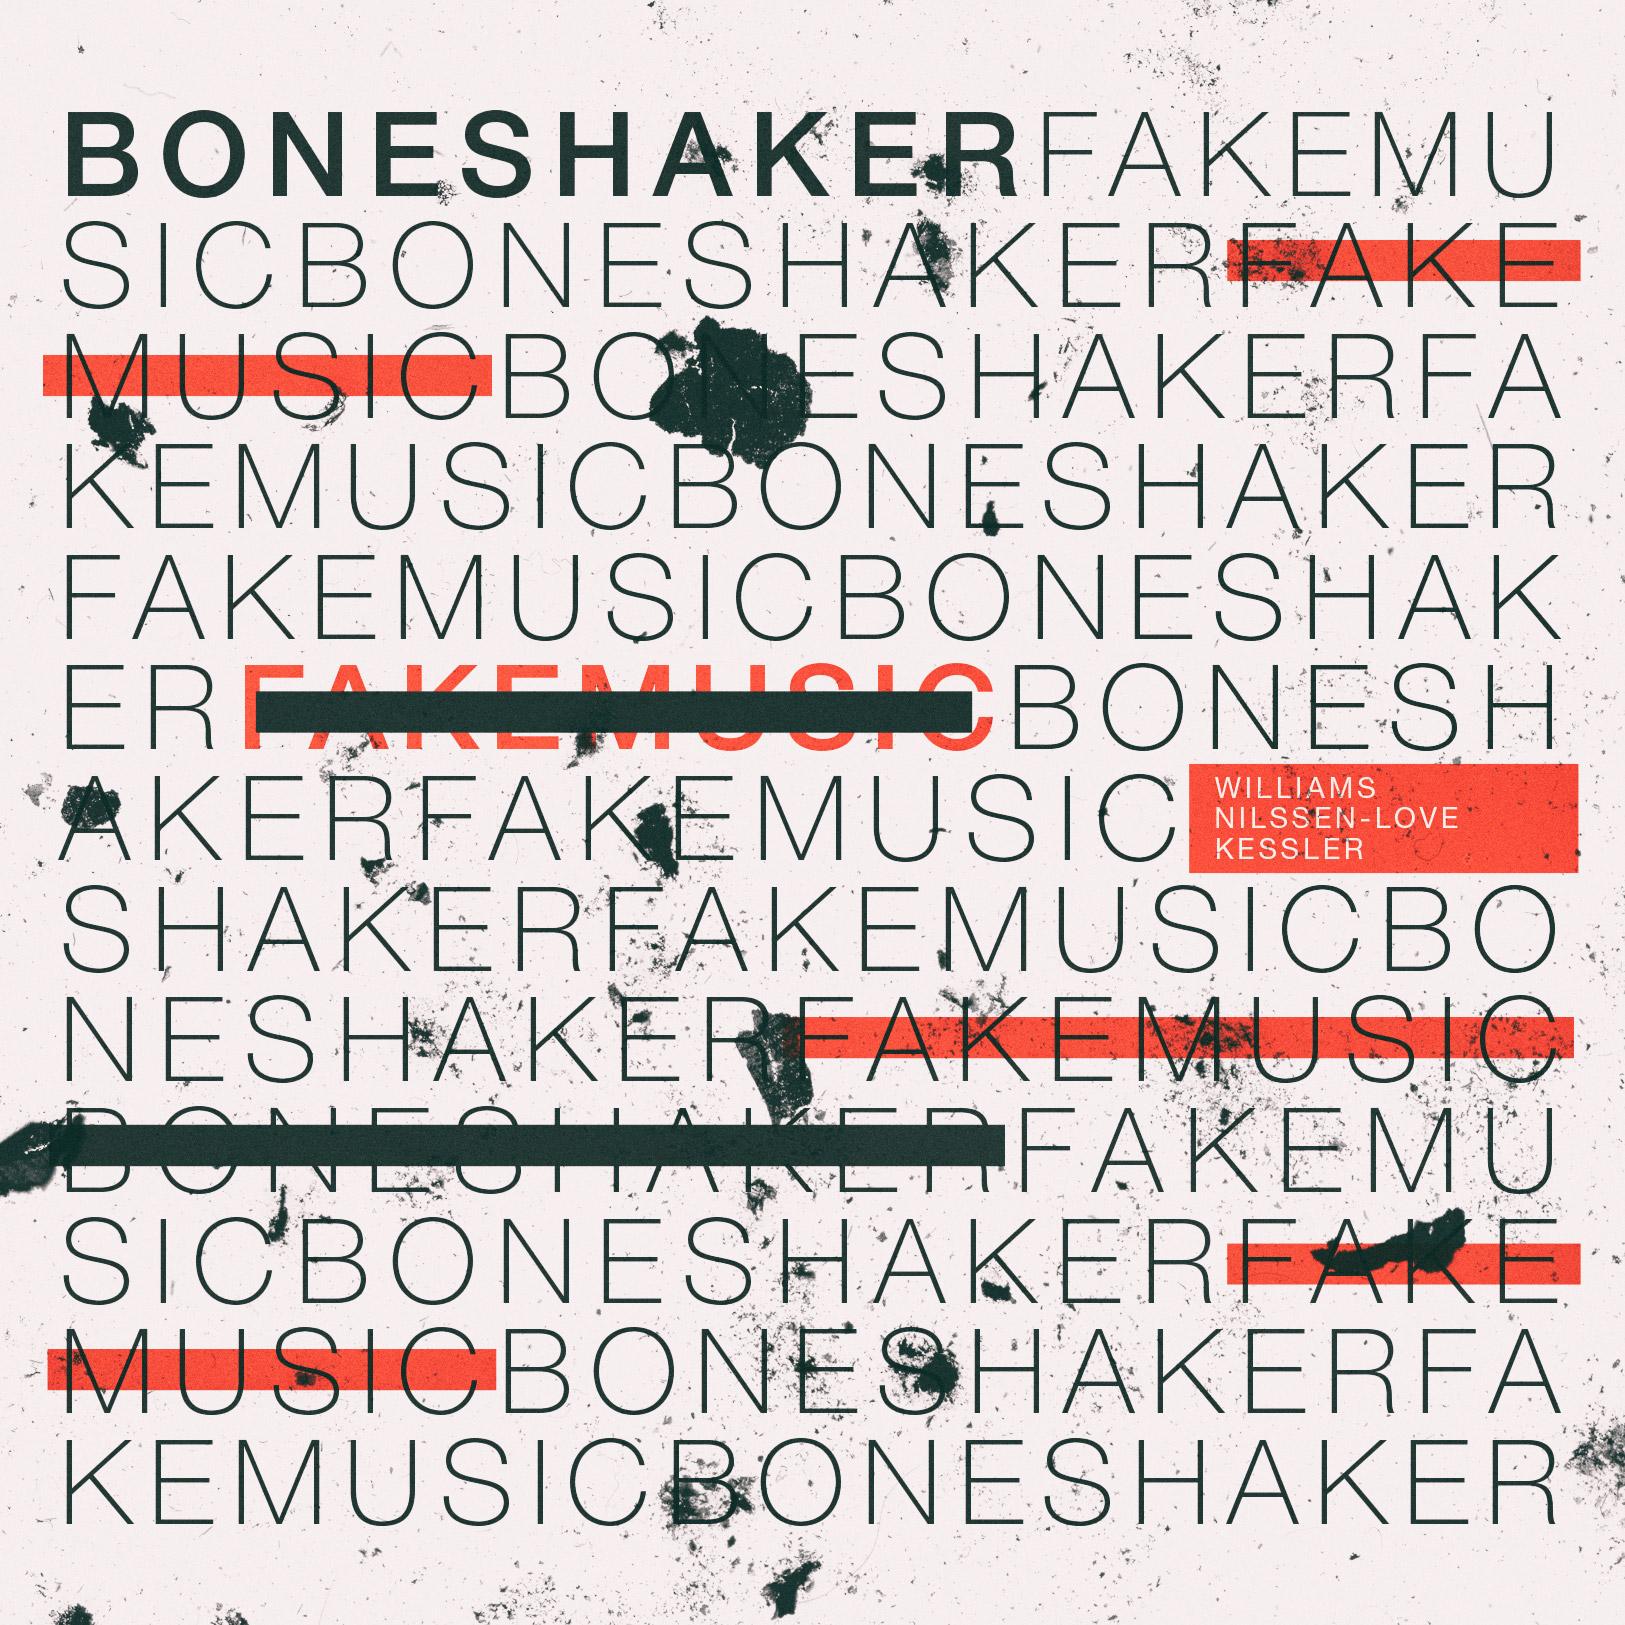 Boneshaker_FM_Front.jpg